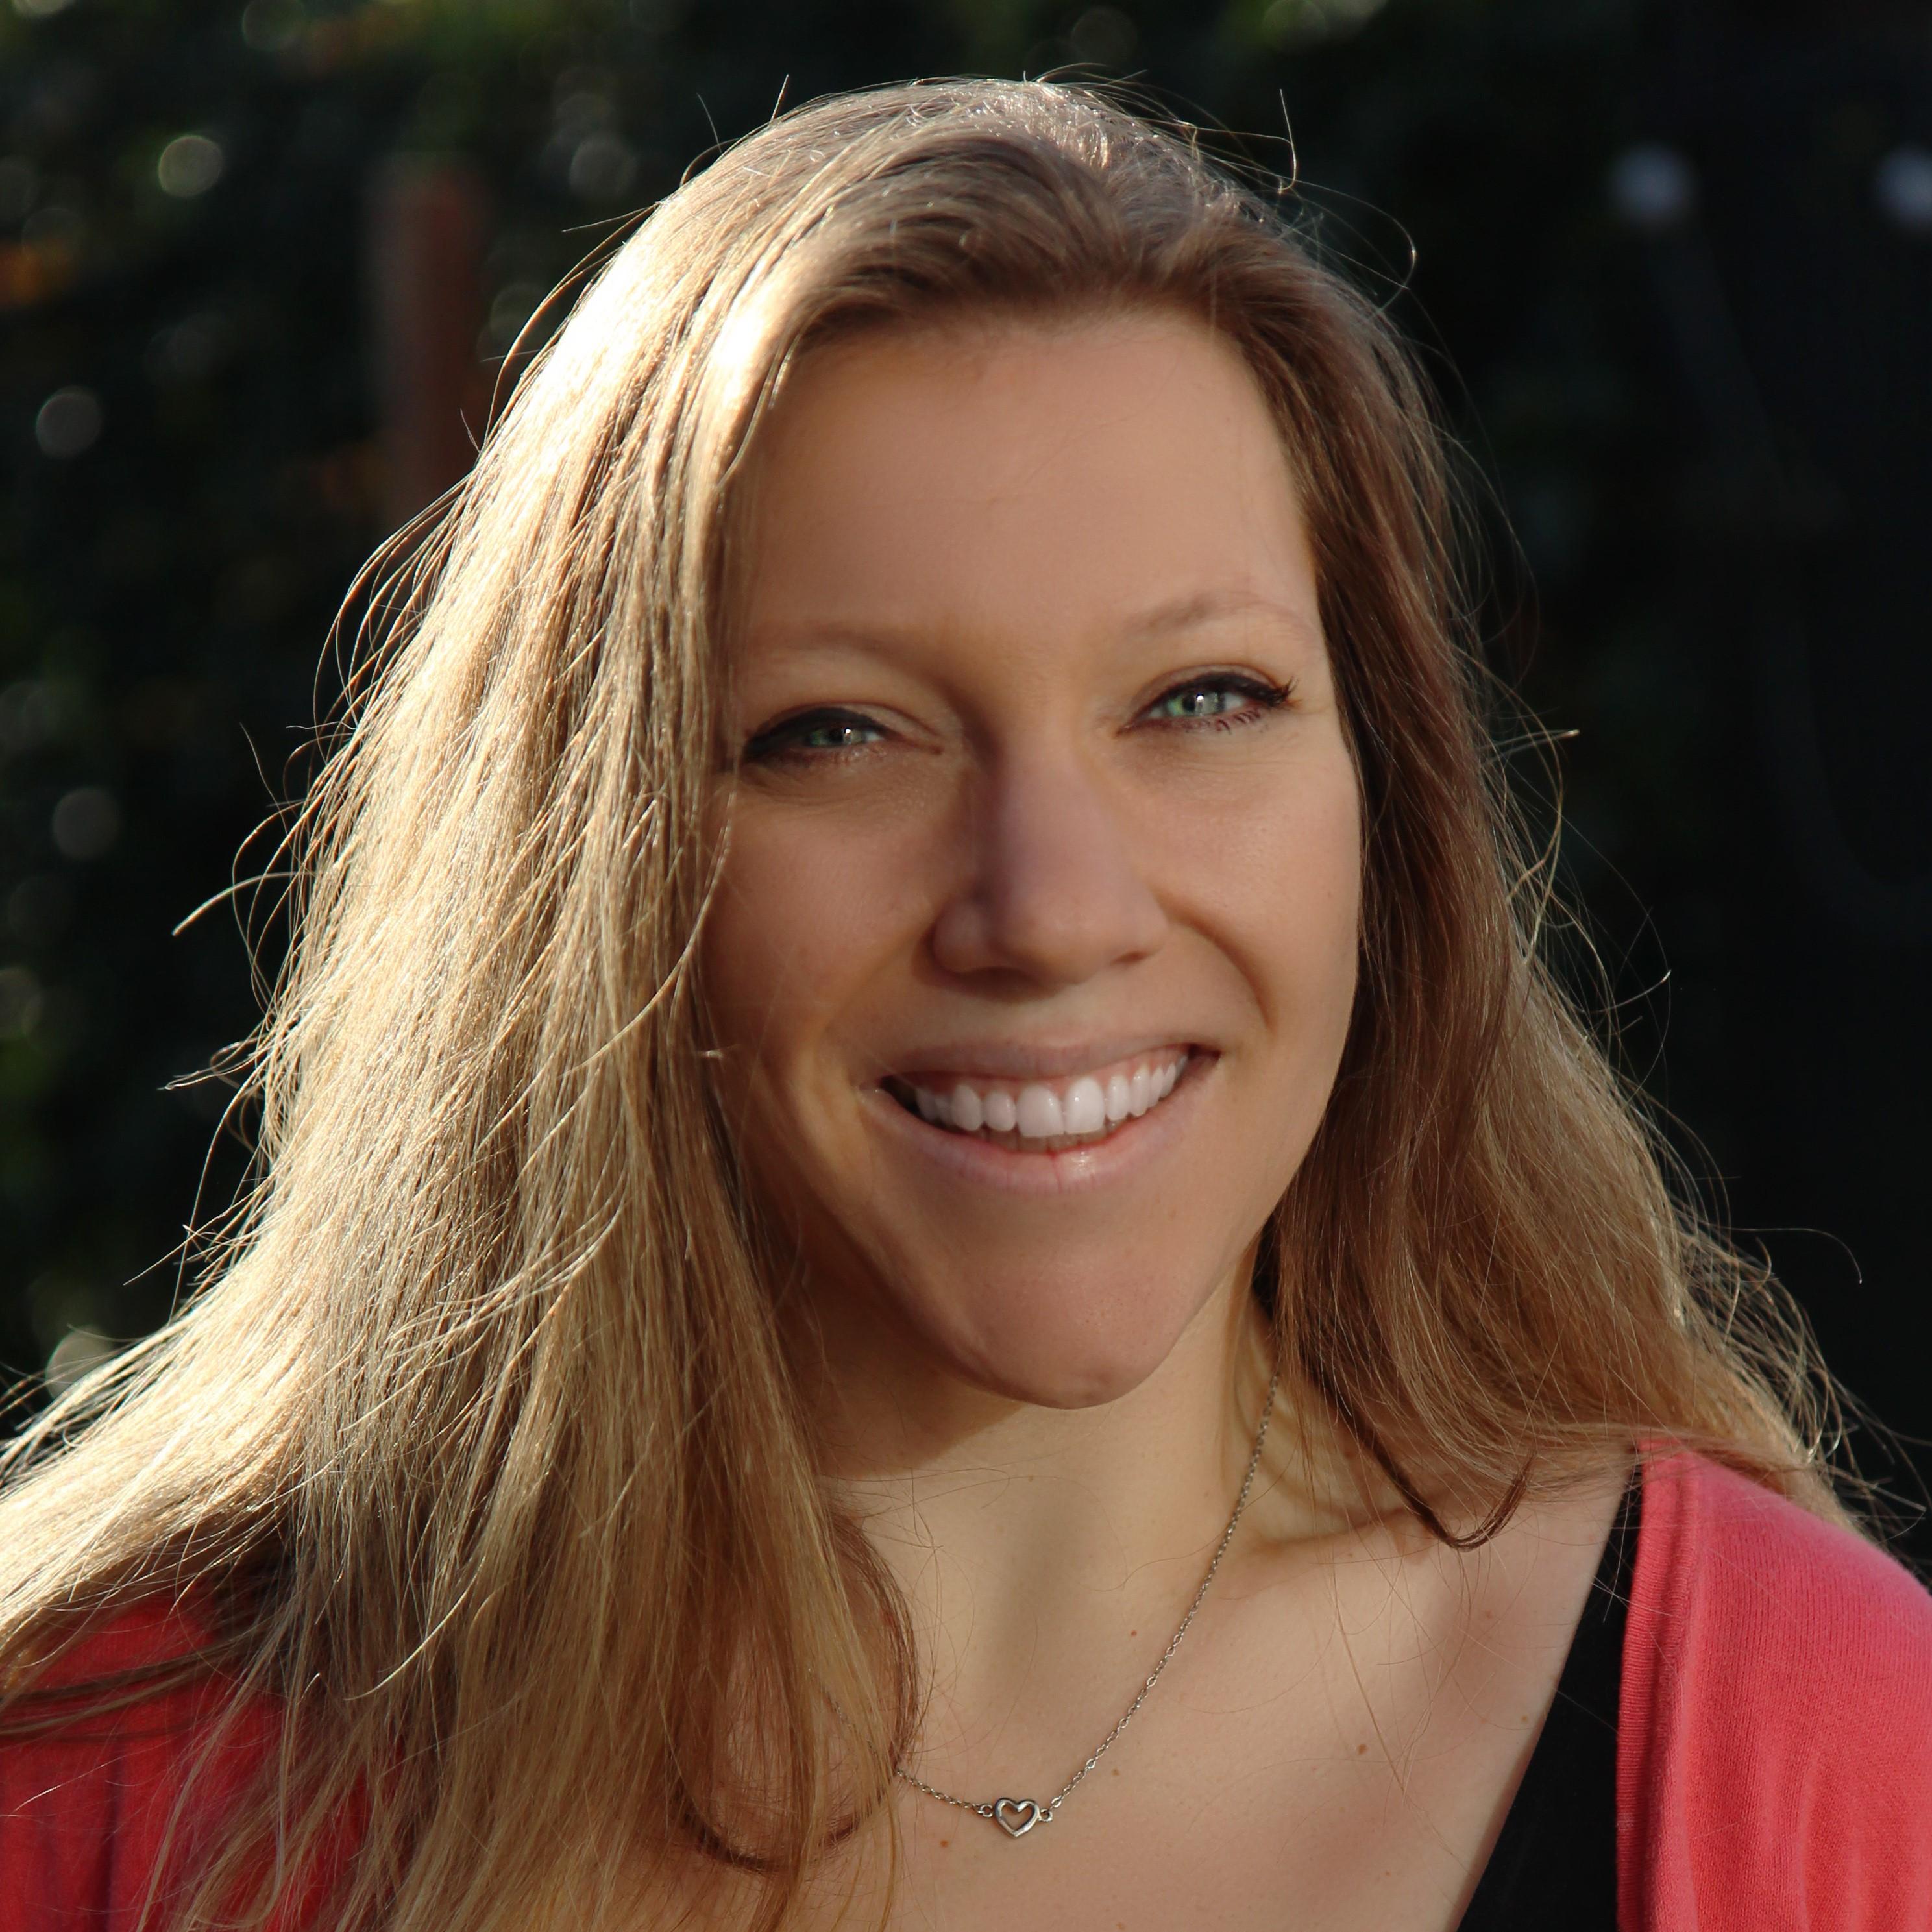 Gastblog Linda Van Bakel